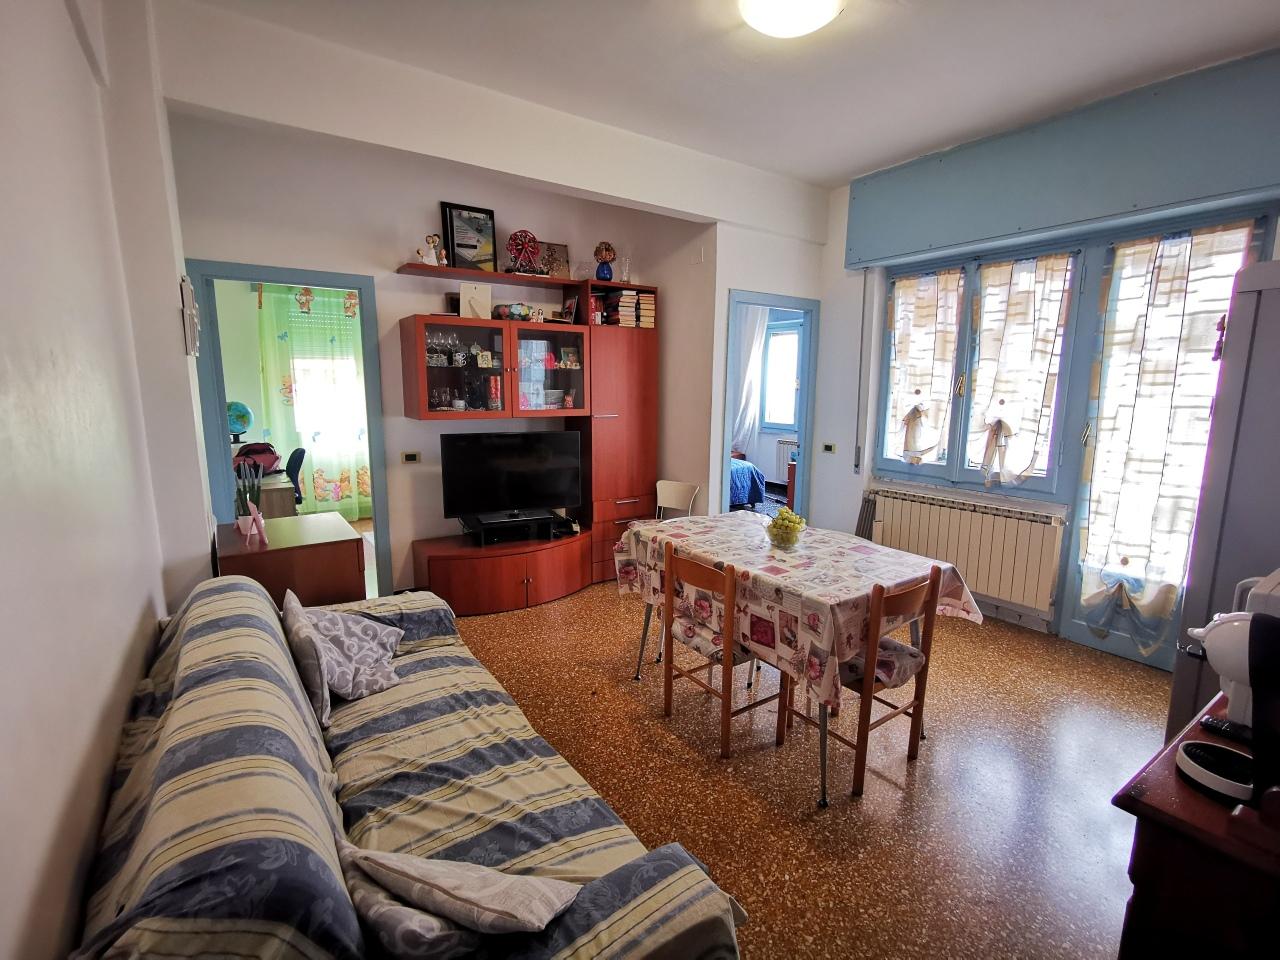 Appartamento in vendita a Albisola Superiore, 3 locali, prezzo € 165.000 | PortaleAgenzieImmobiliari.it